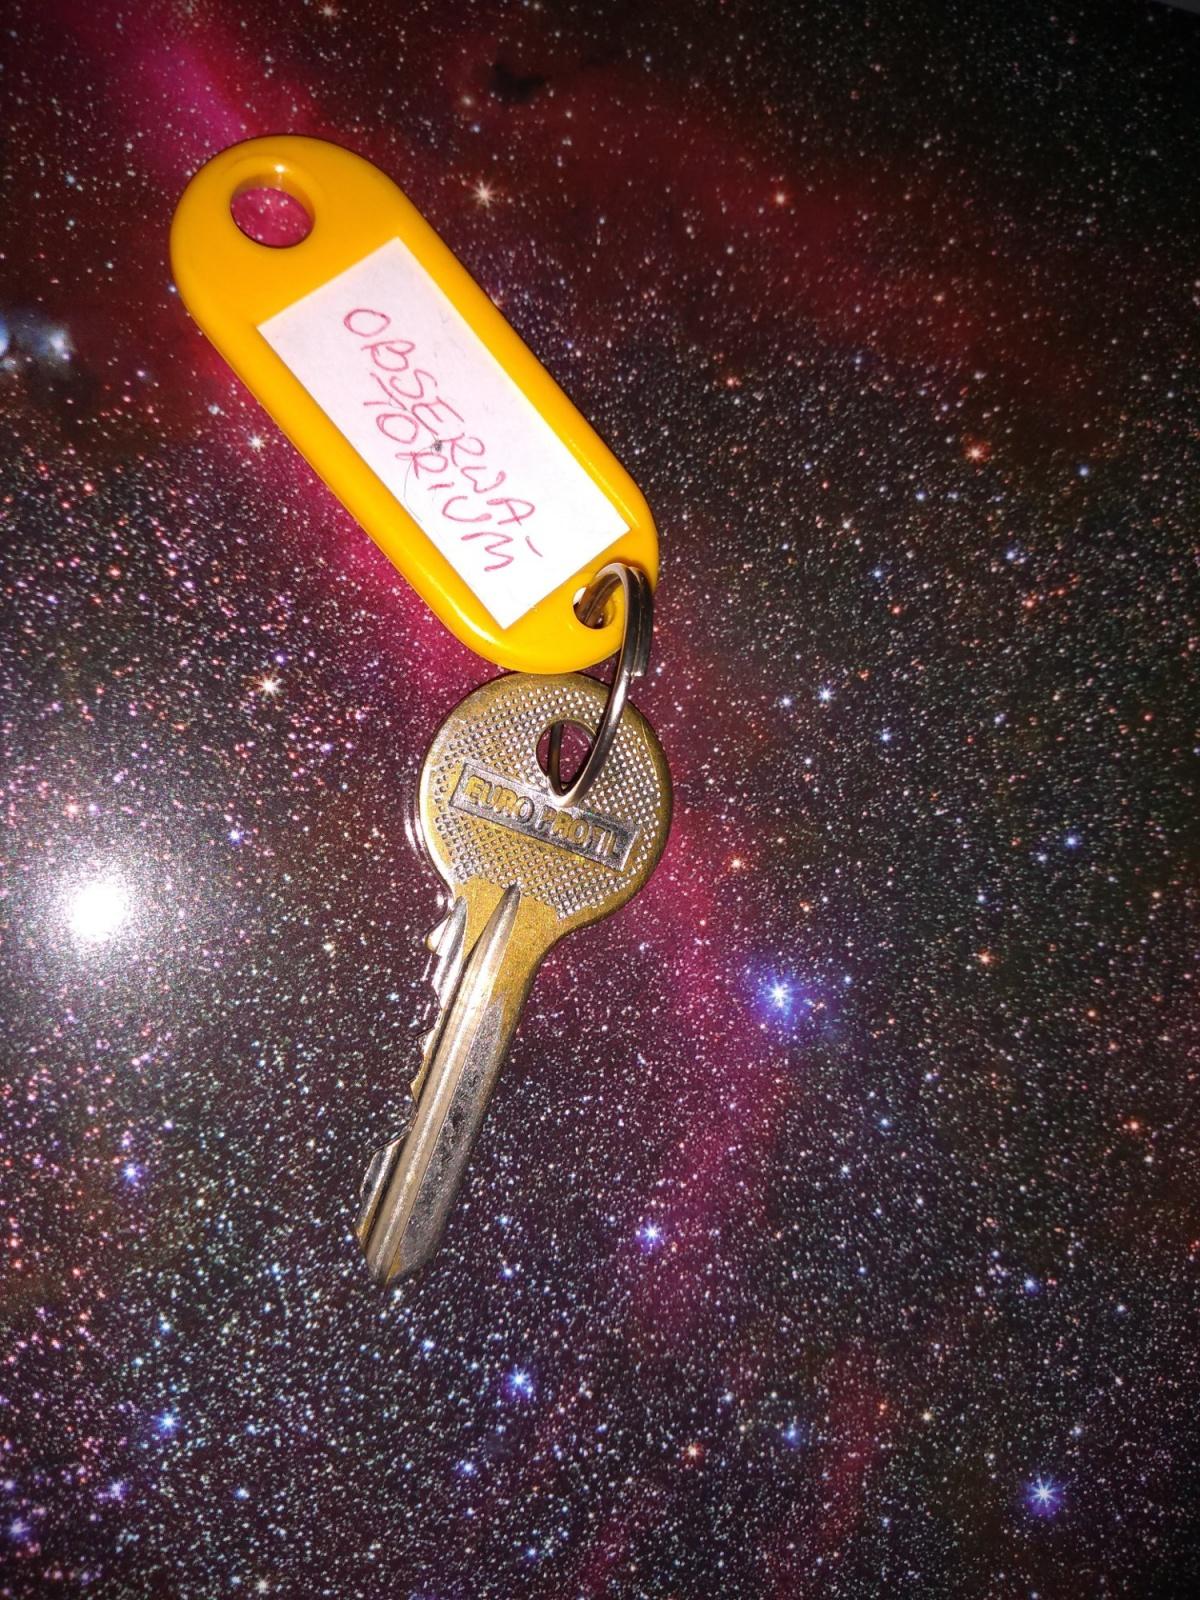 obserwatroium-kluczyk_20200227_201631267.thumb.jpg.50bdb35b88df0d74dccc19c7a28a8ae3.jpg